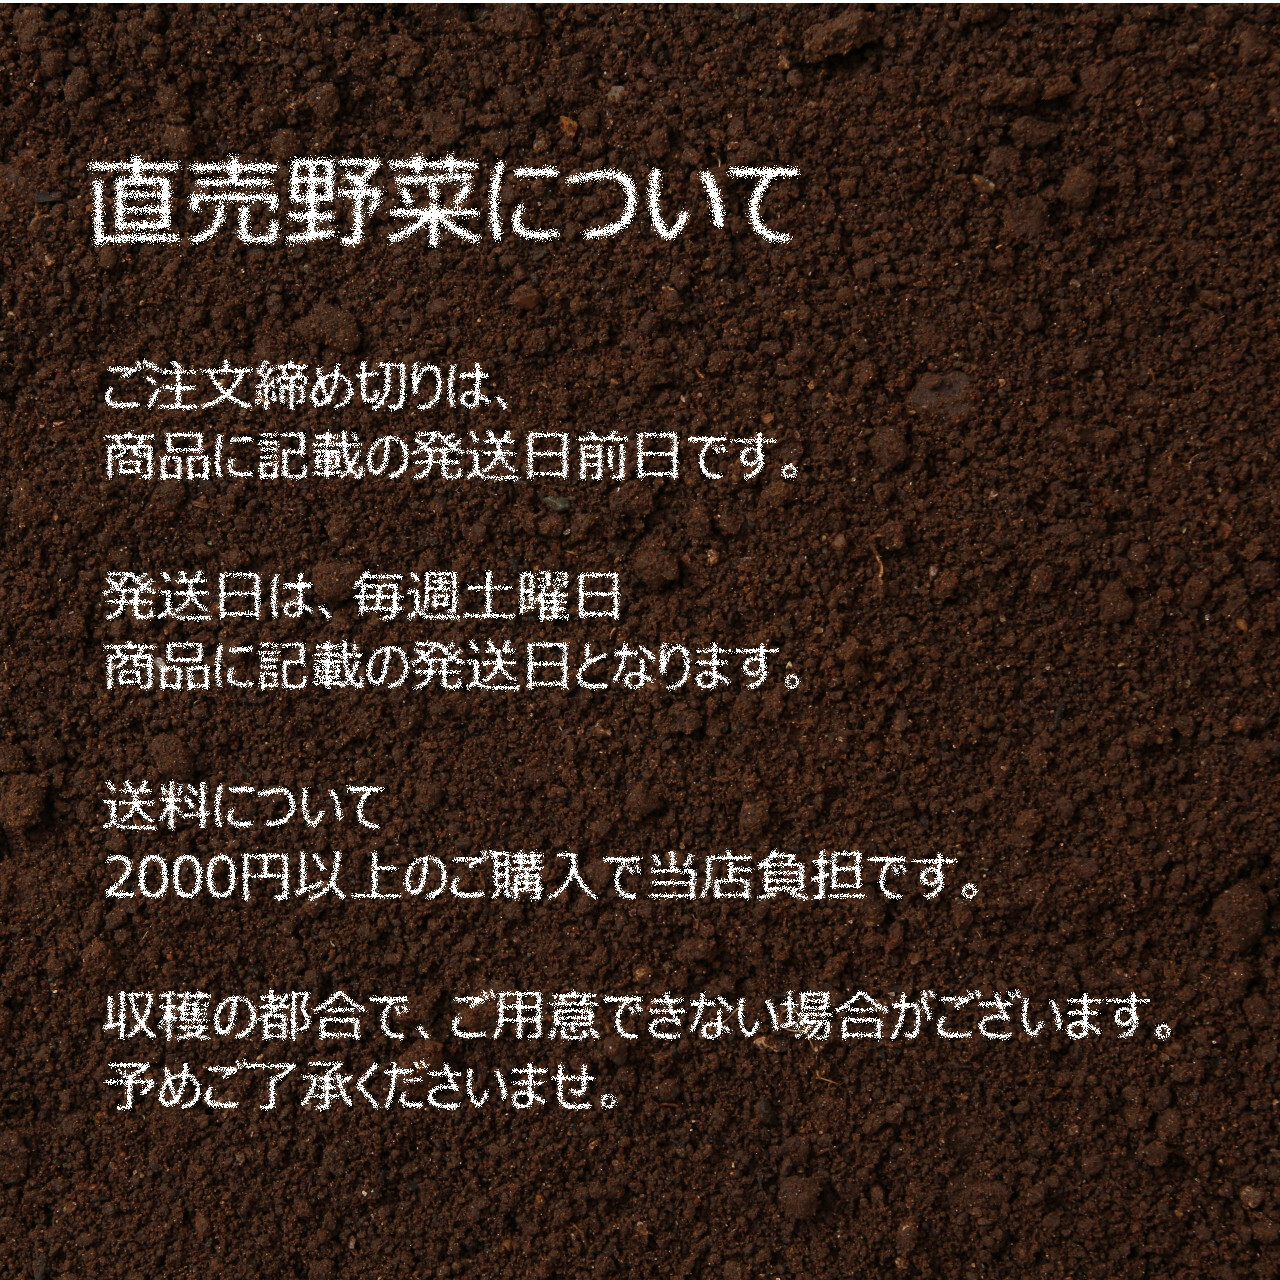 5月の朝採り直売野菜:春菊 約200g 5月18日発送予定